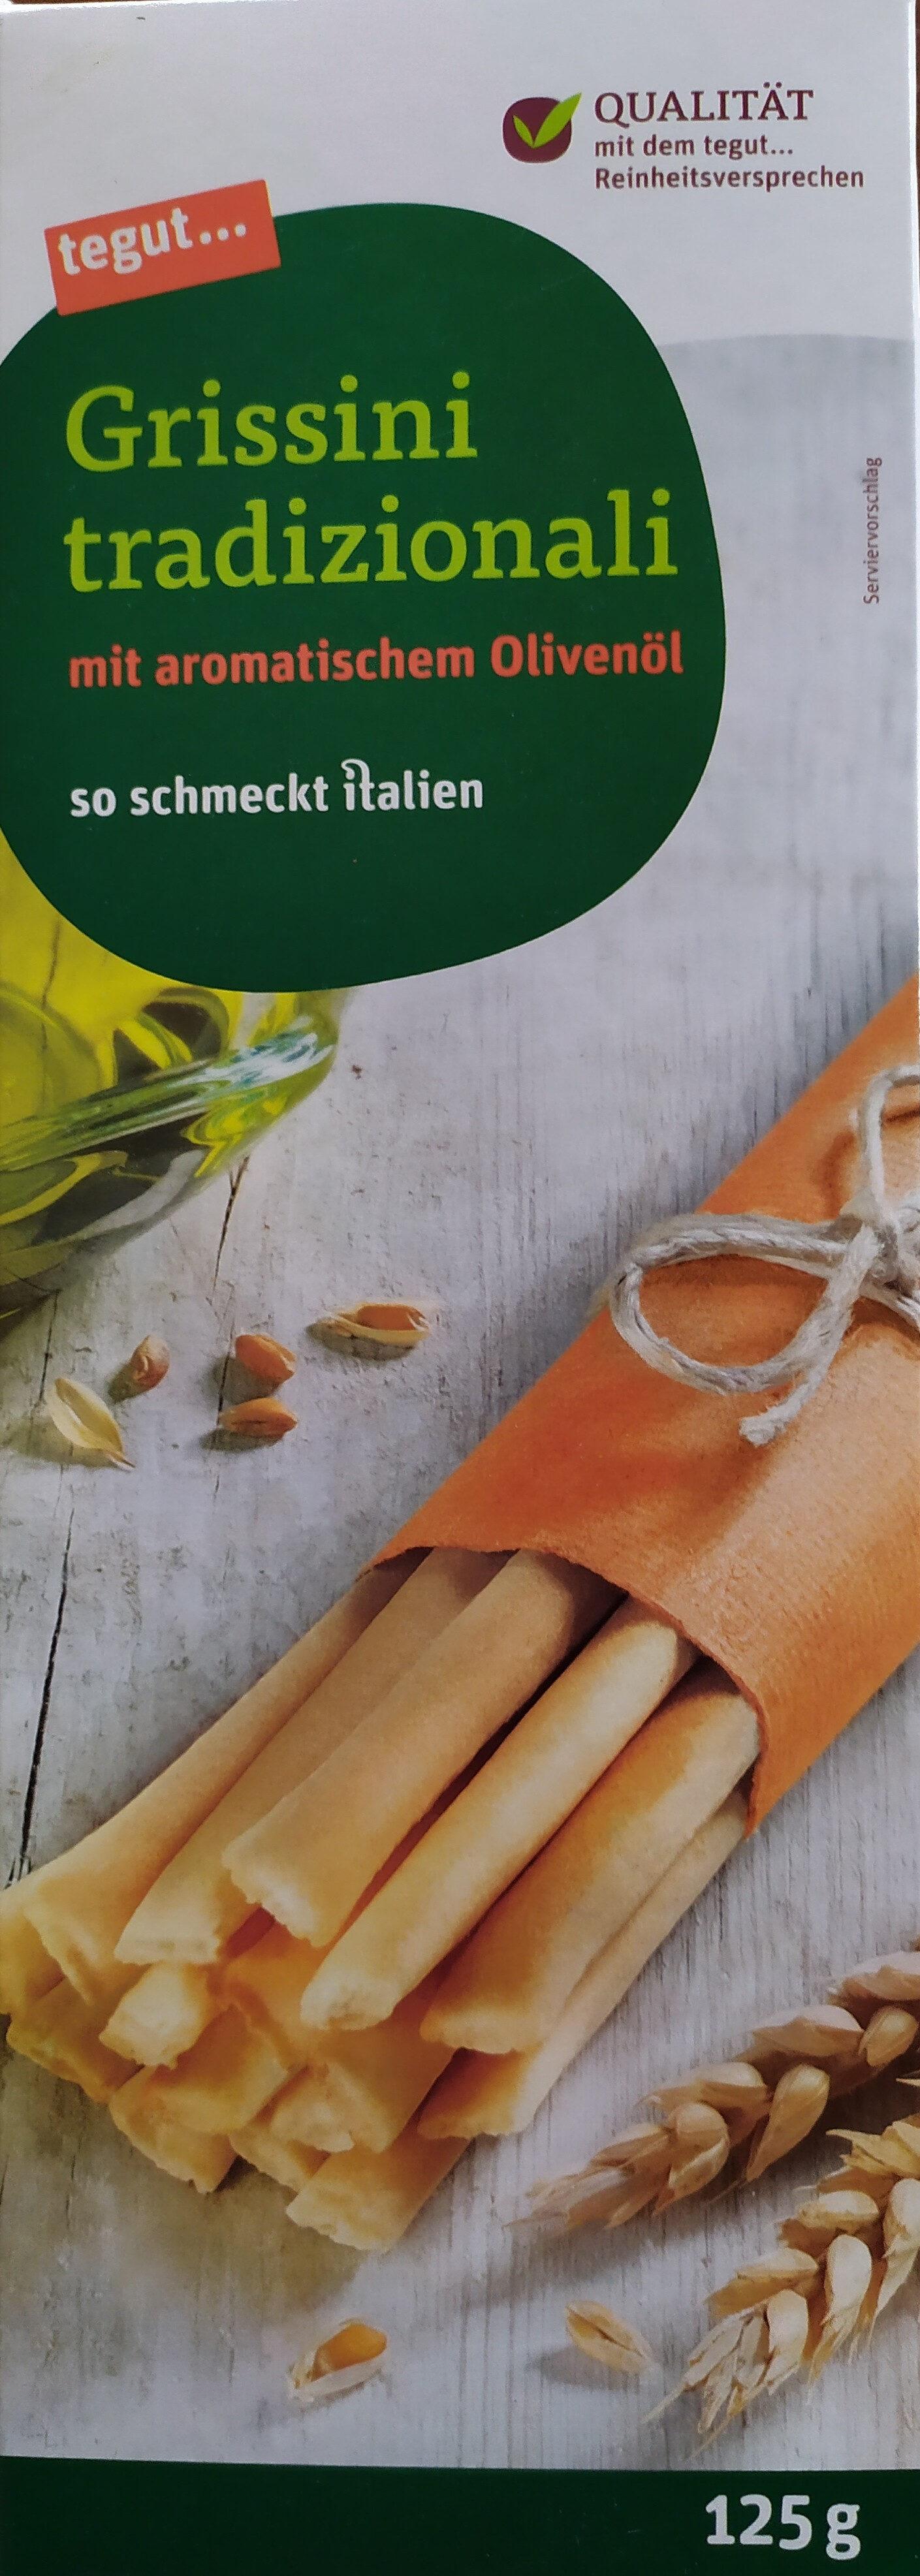 Grissini tradizionali - Product